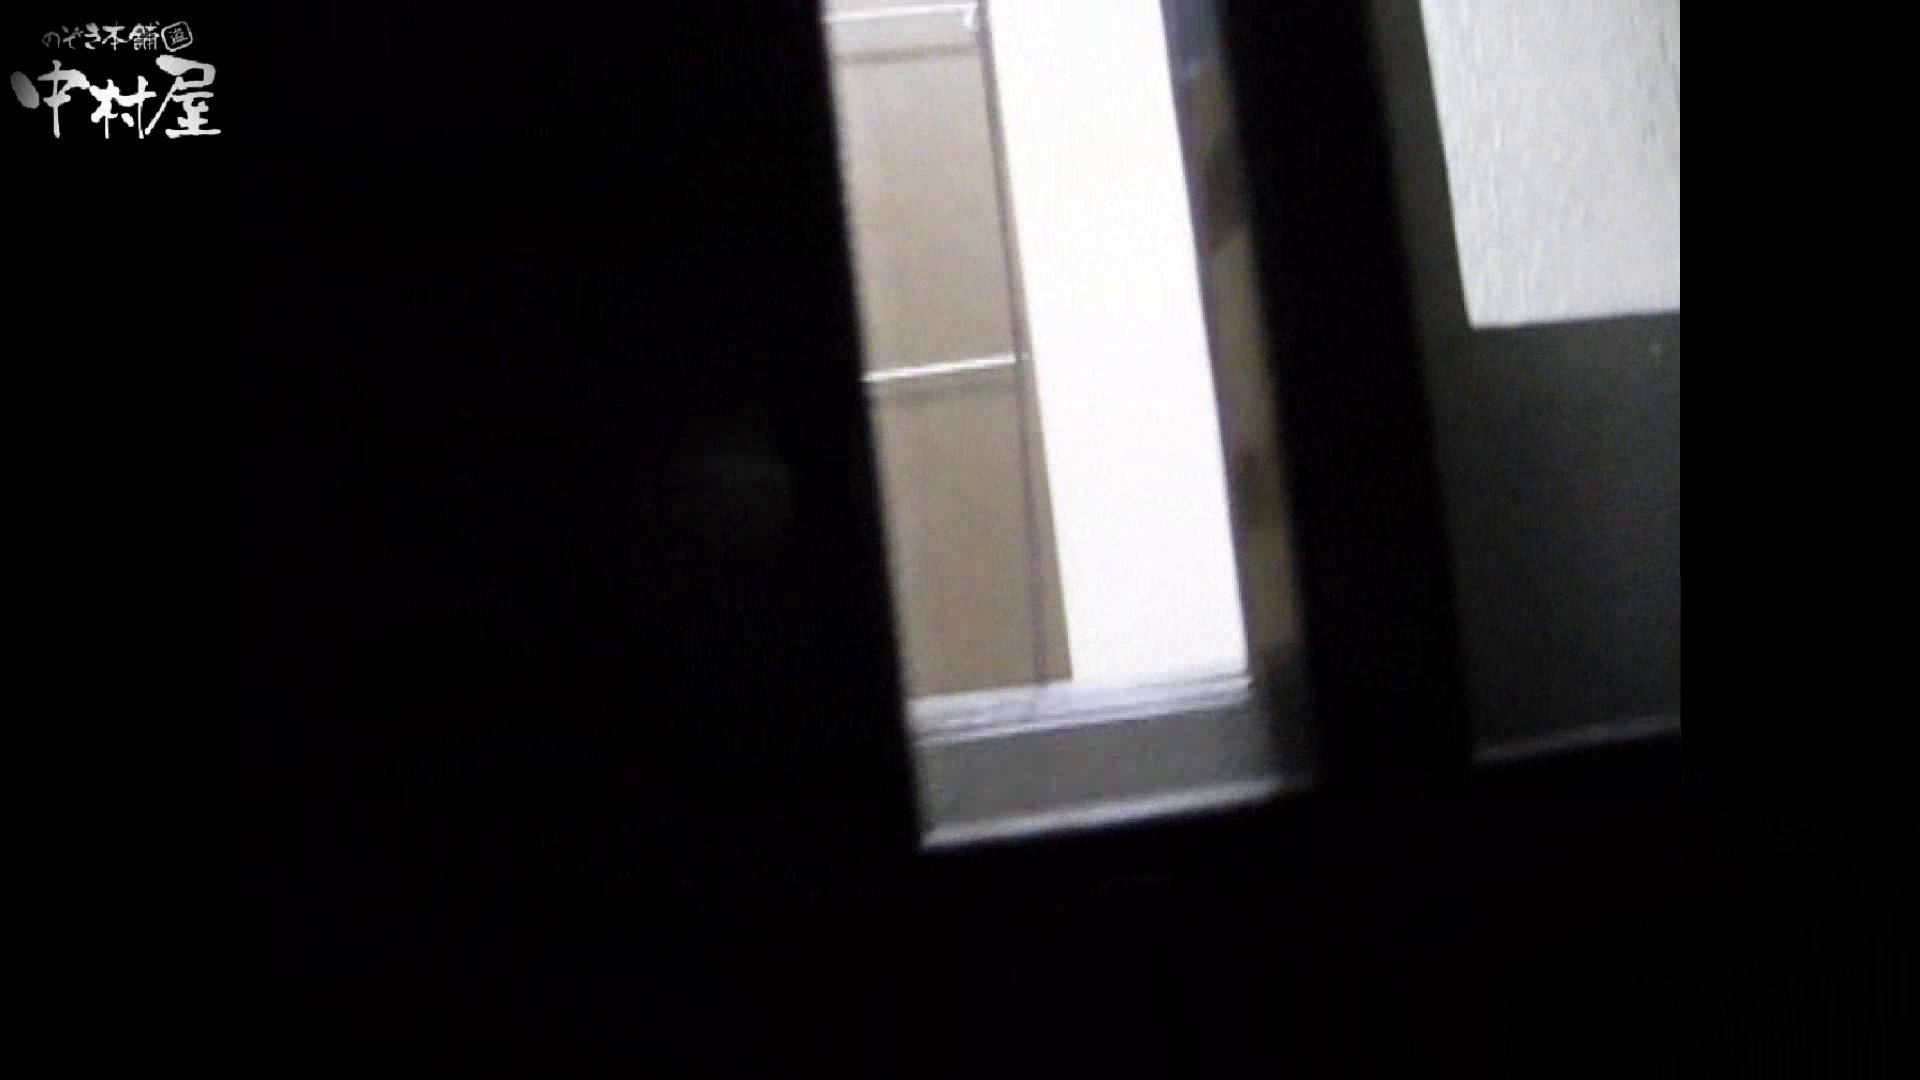 民家風呂専門盗撮師の超危険映像 vol.005 エロい美少女 ワレメ動画紹介 78PIX 29